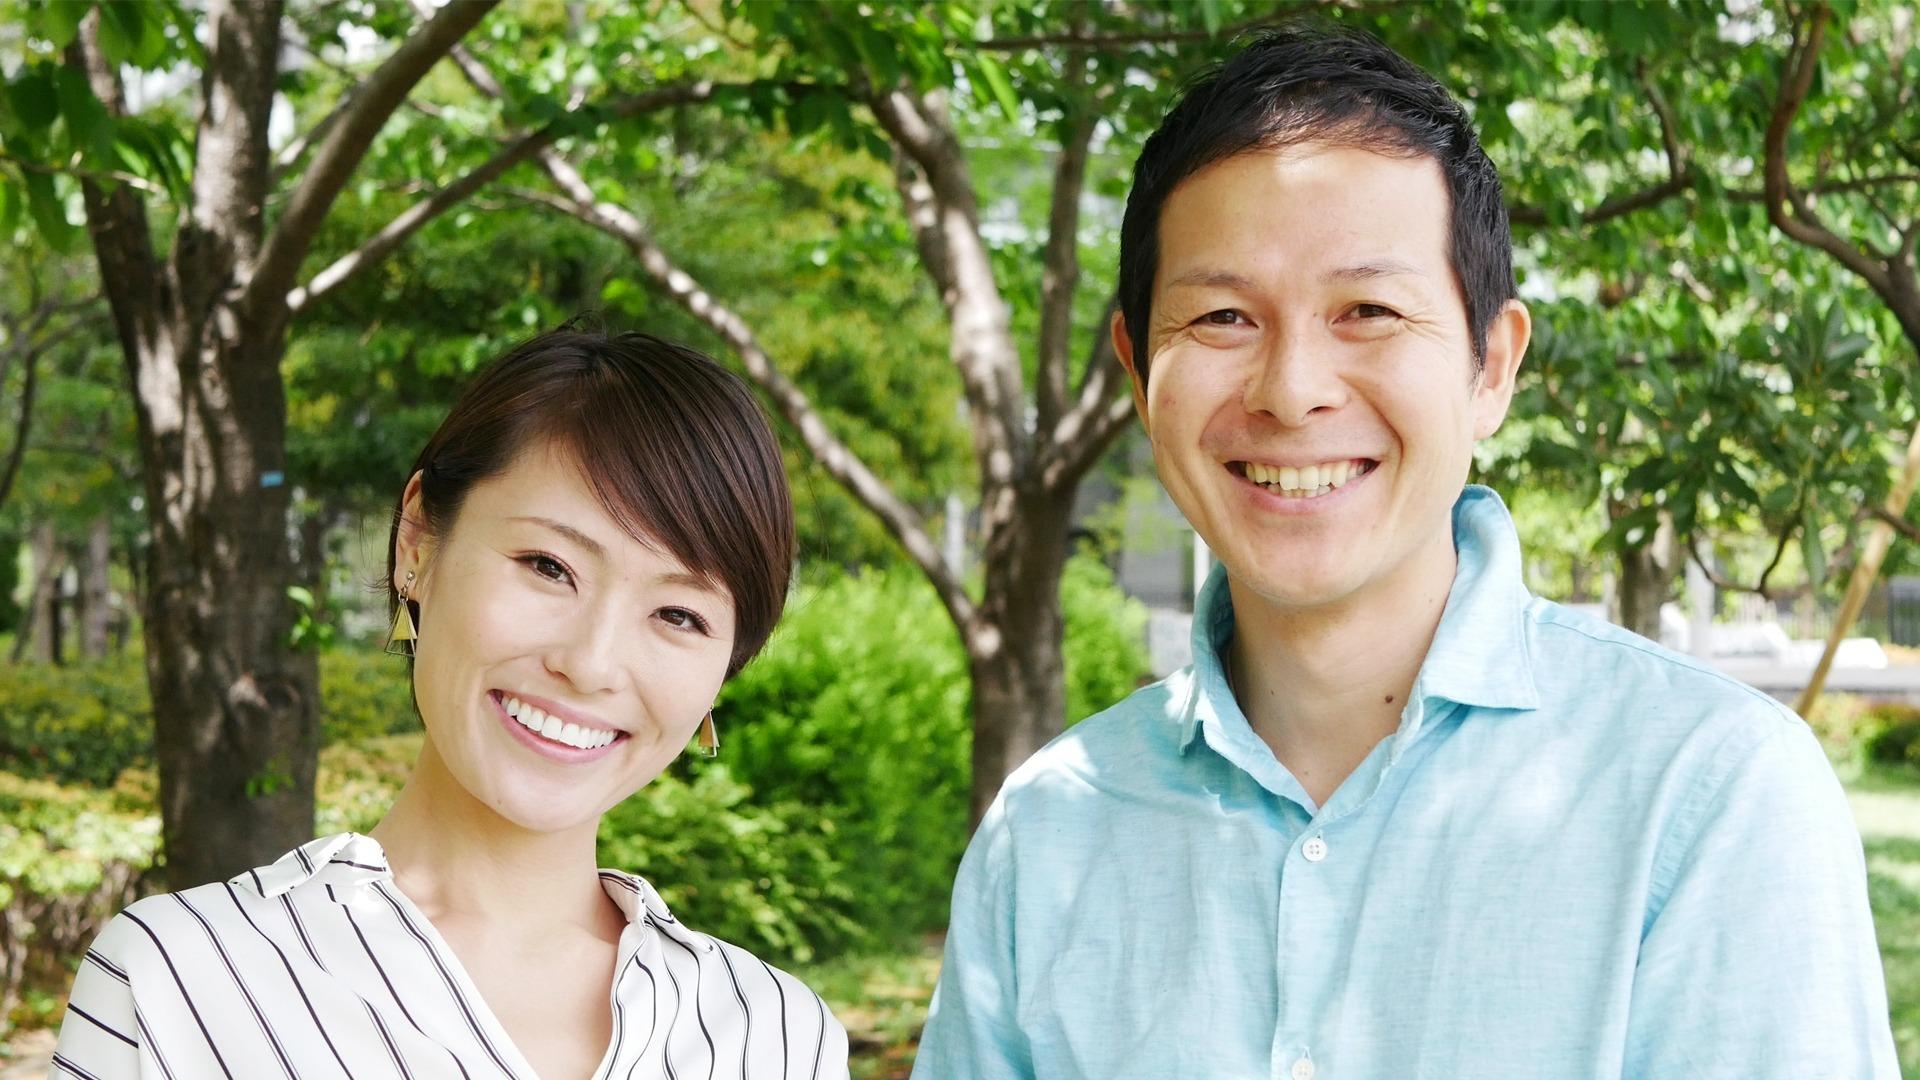 Tomoya / Mariko